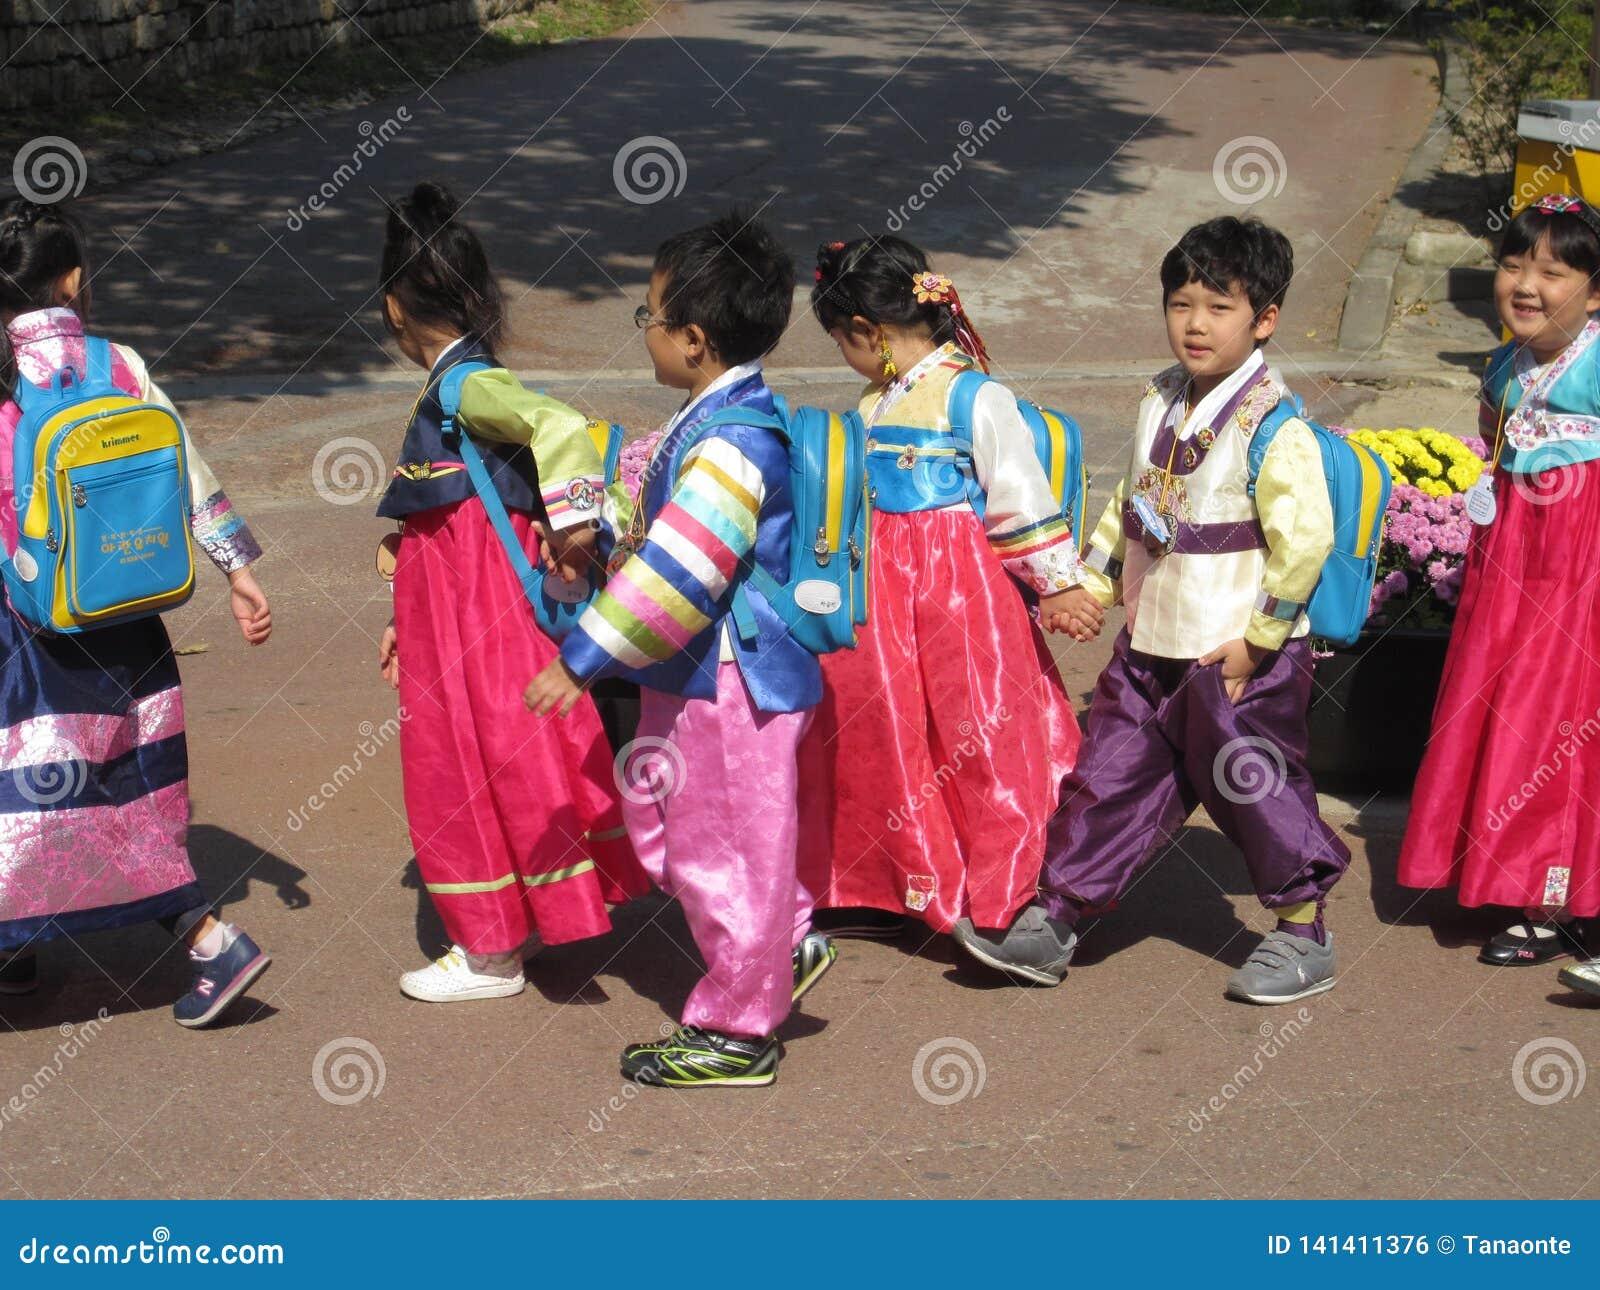 Seoul Sydkorea, Oktober 2012: Grupp av ungar i traditionell koreansk klänning eller Hanbok